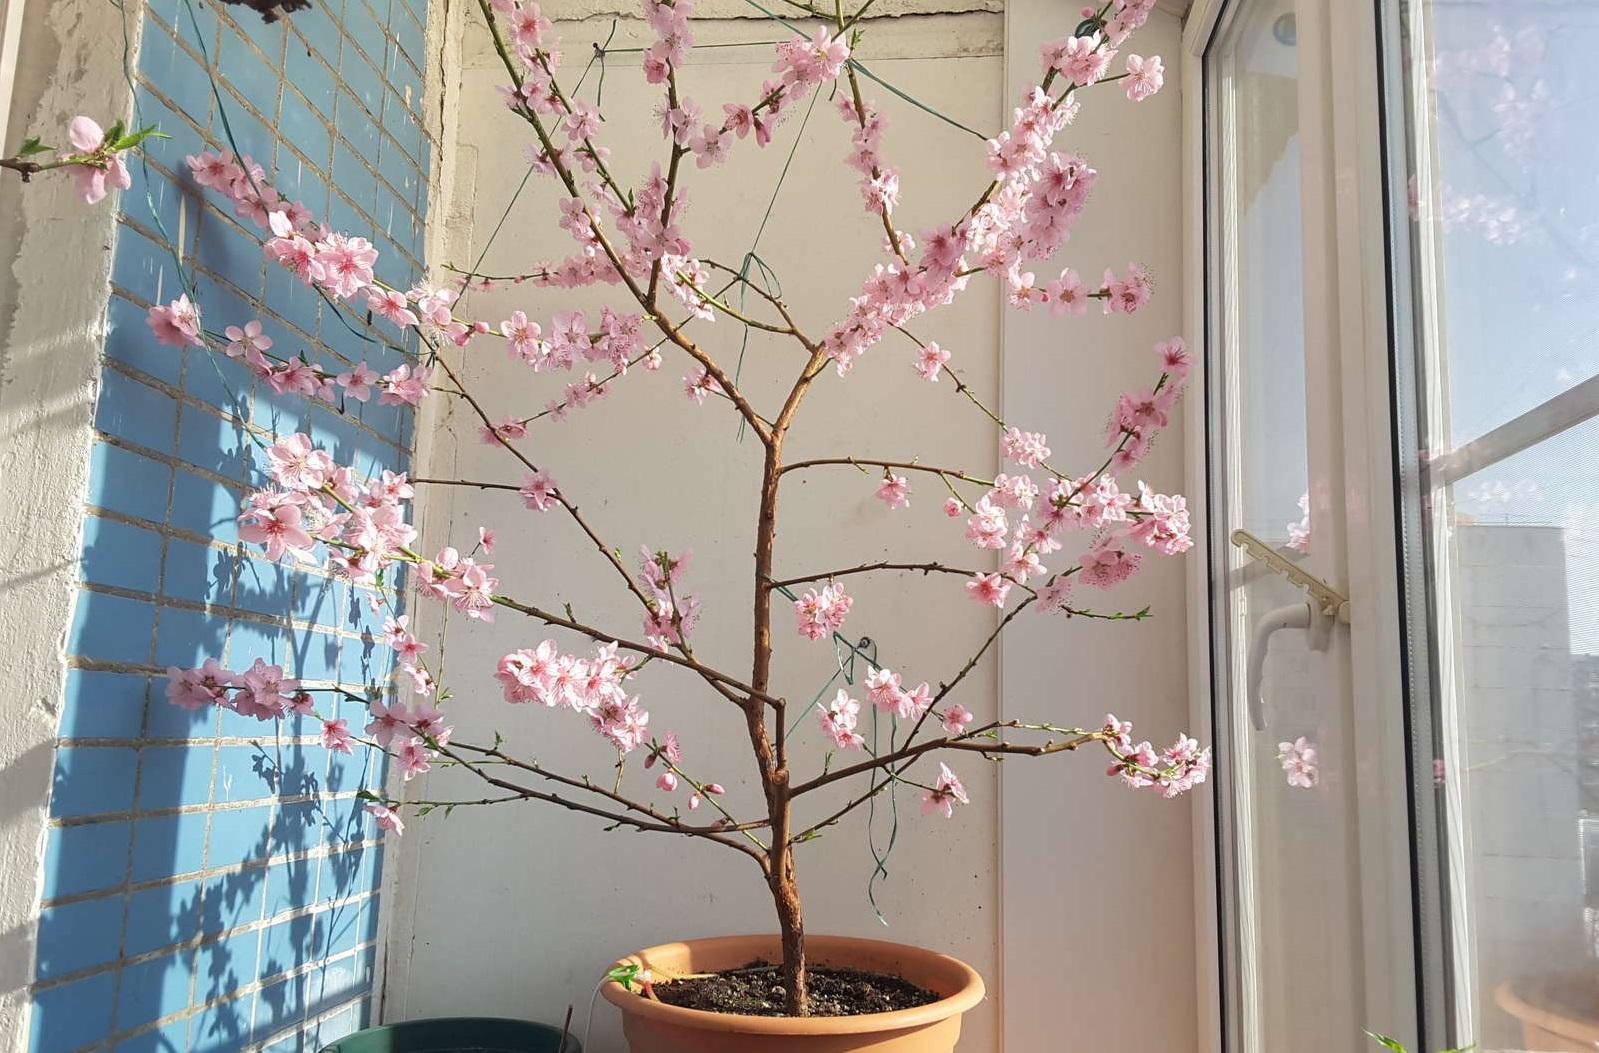 Berühmt Pfirsichbaum schneiden: Anleitung vom Experten - Plantura &SO_08